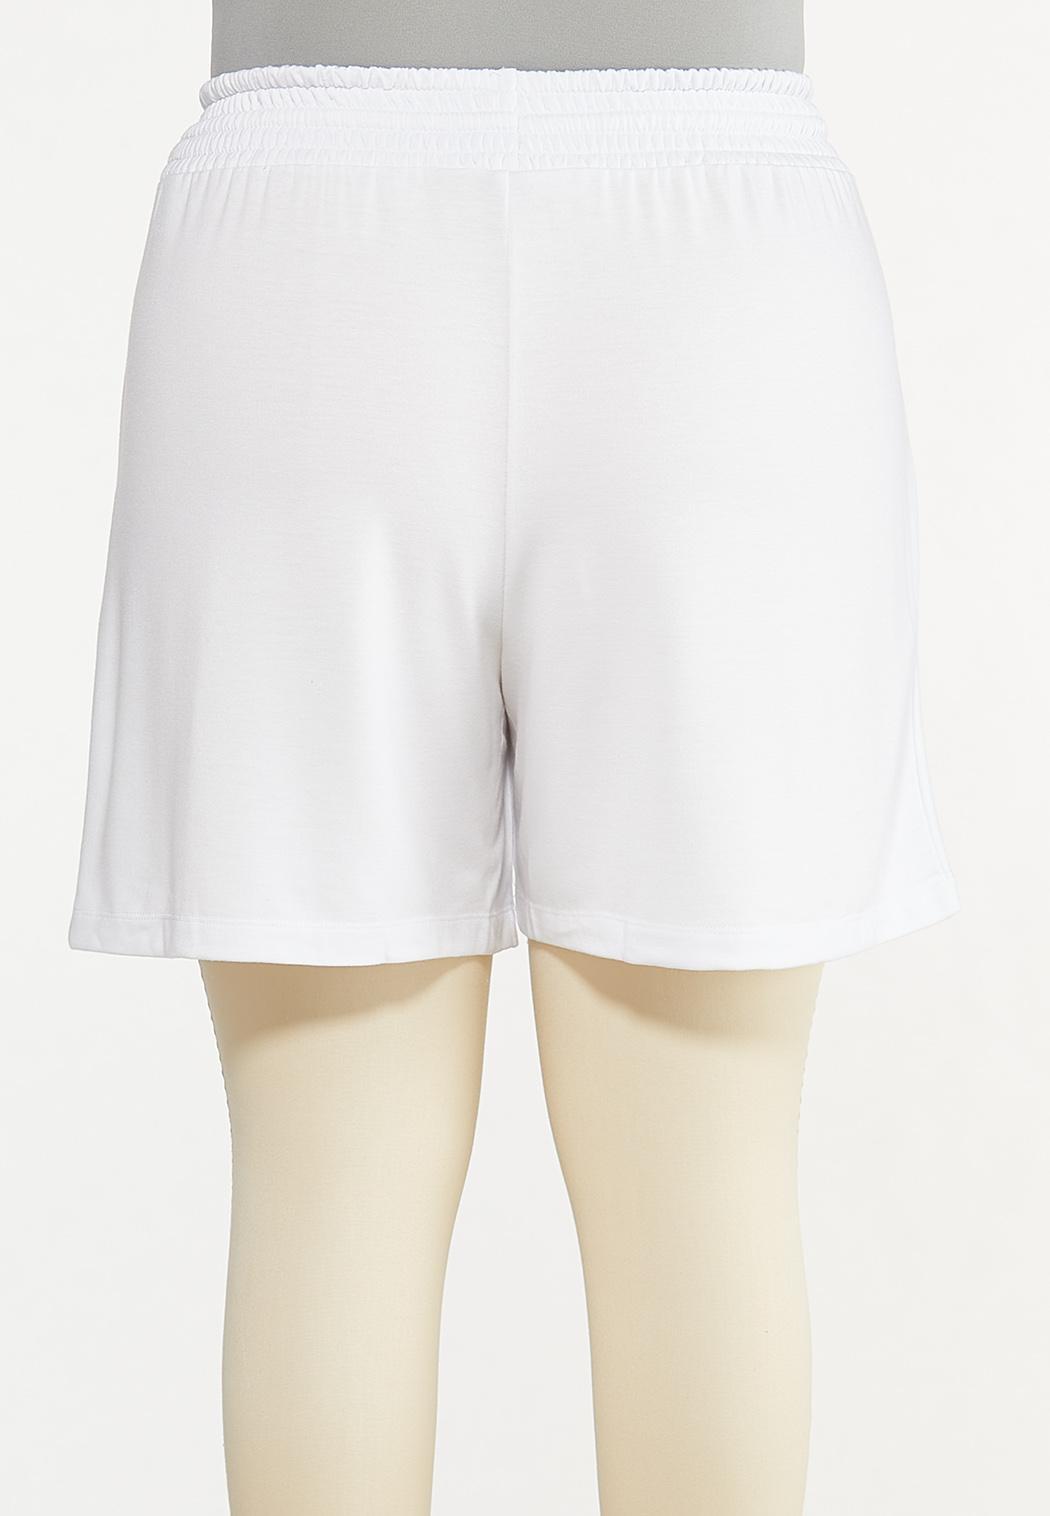 Plus Size White Smocked Shorts (Item #44579473)